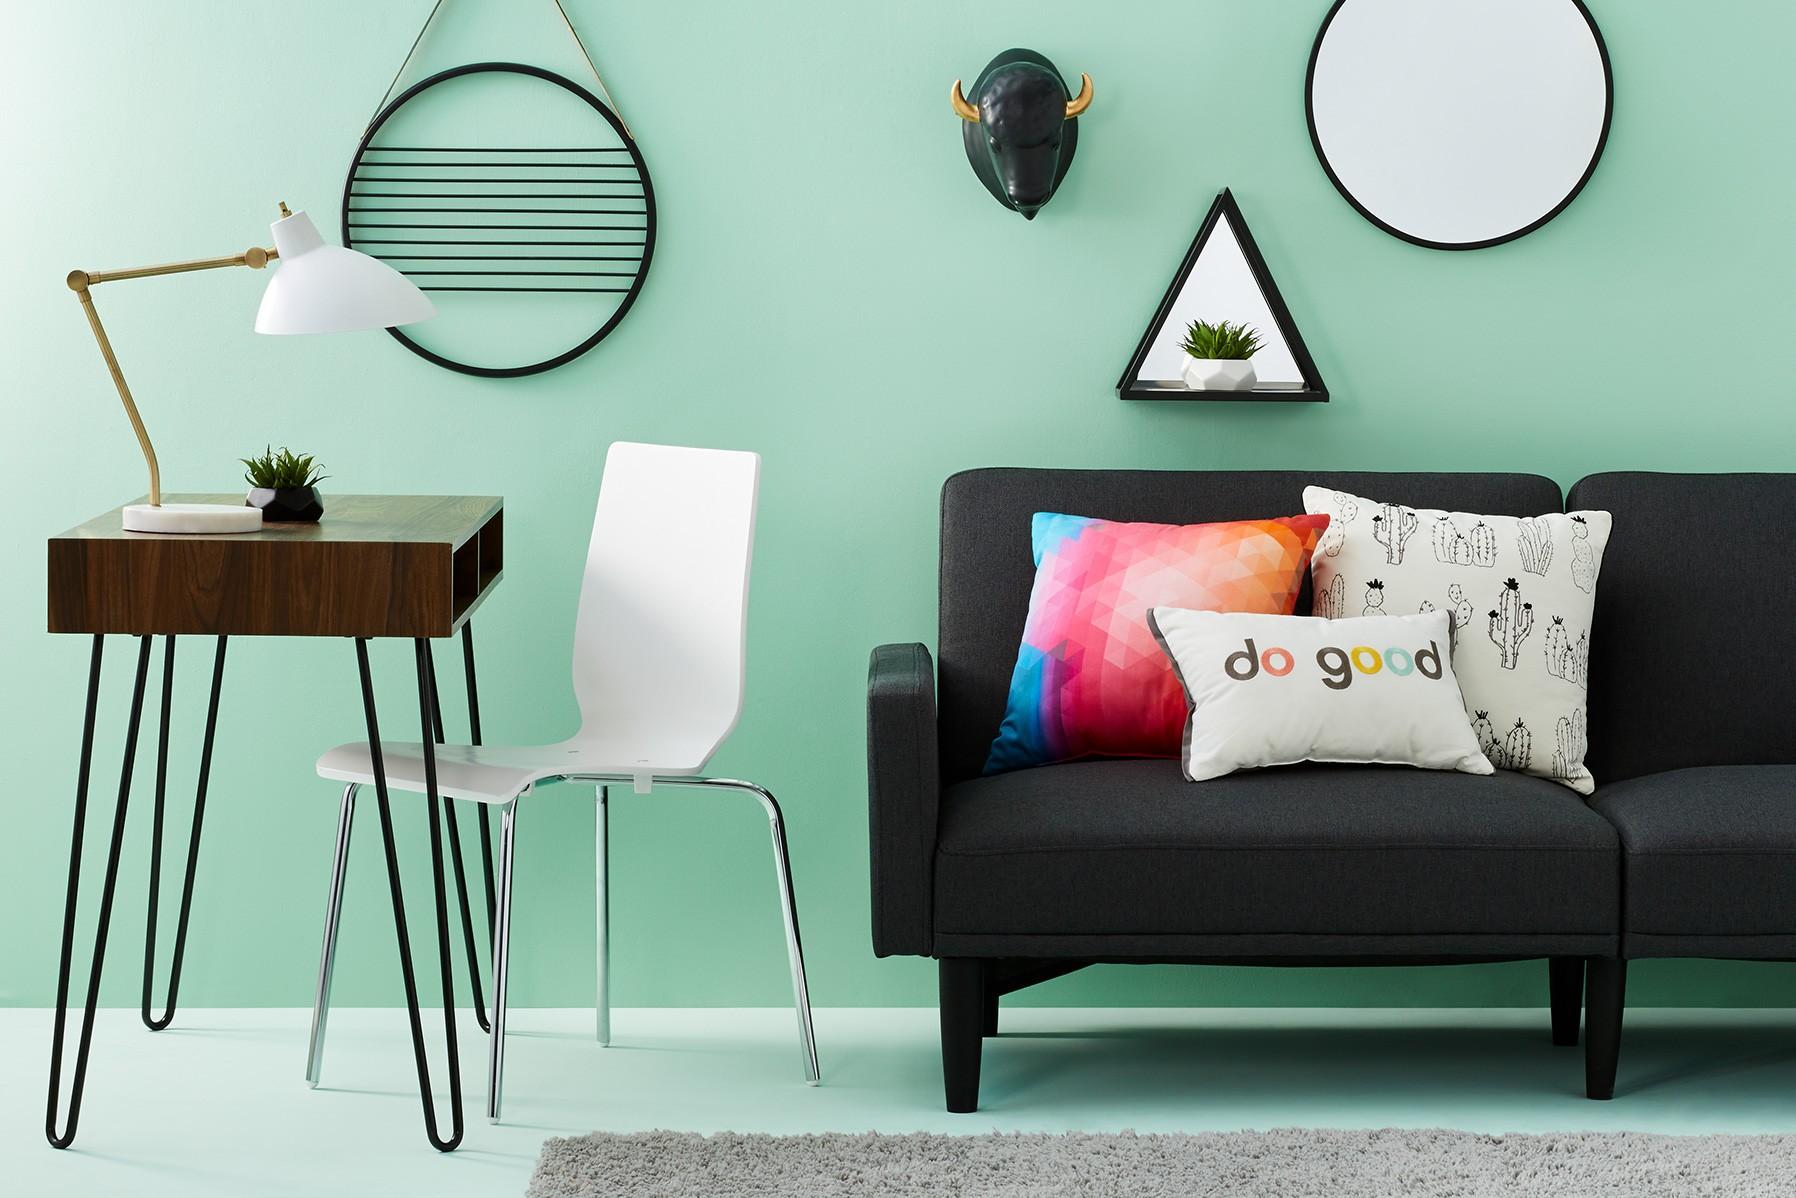 Furniture Images furniture pic - interior design